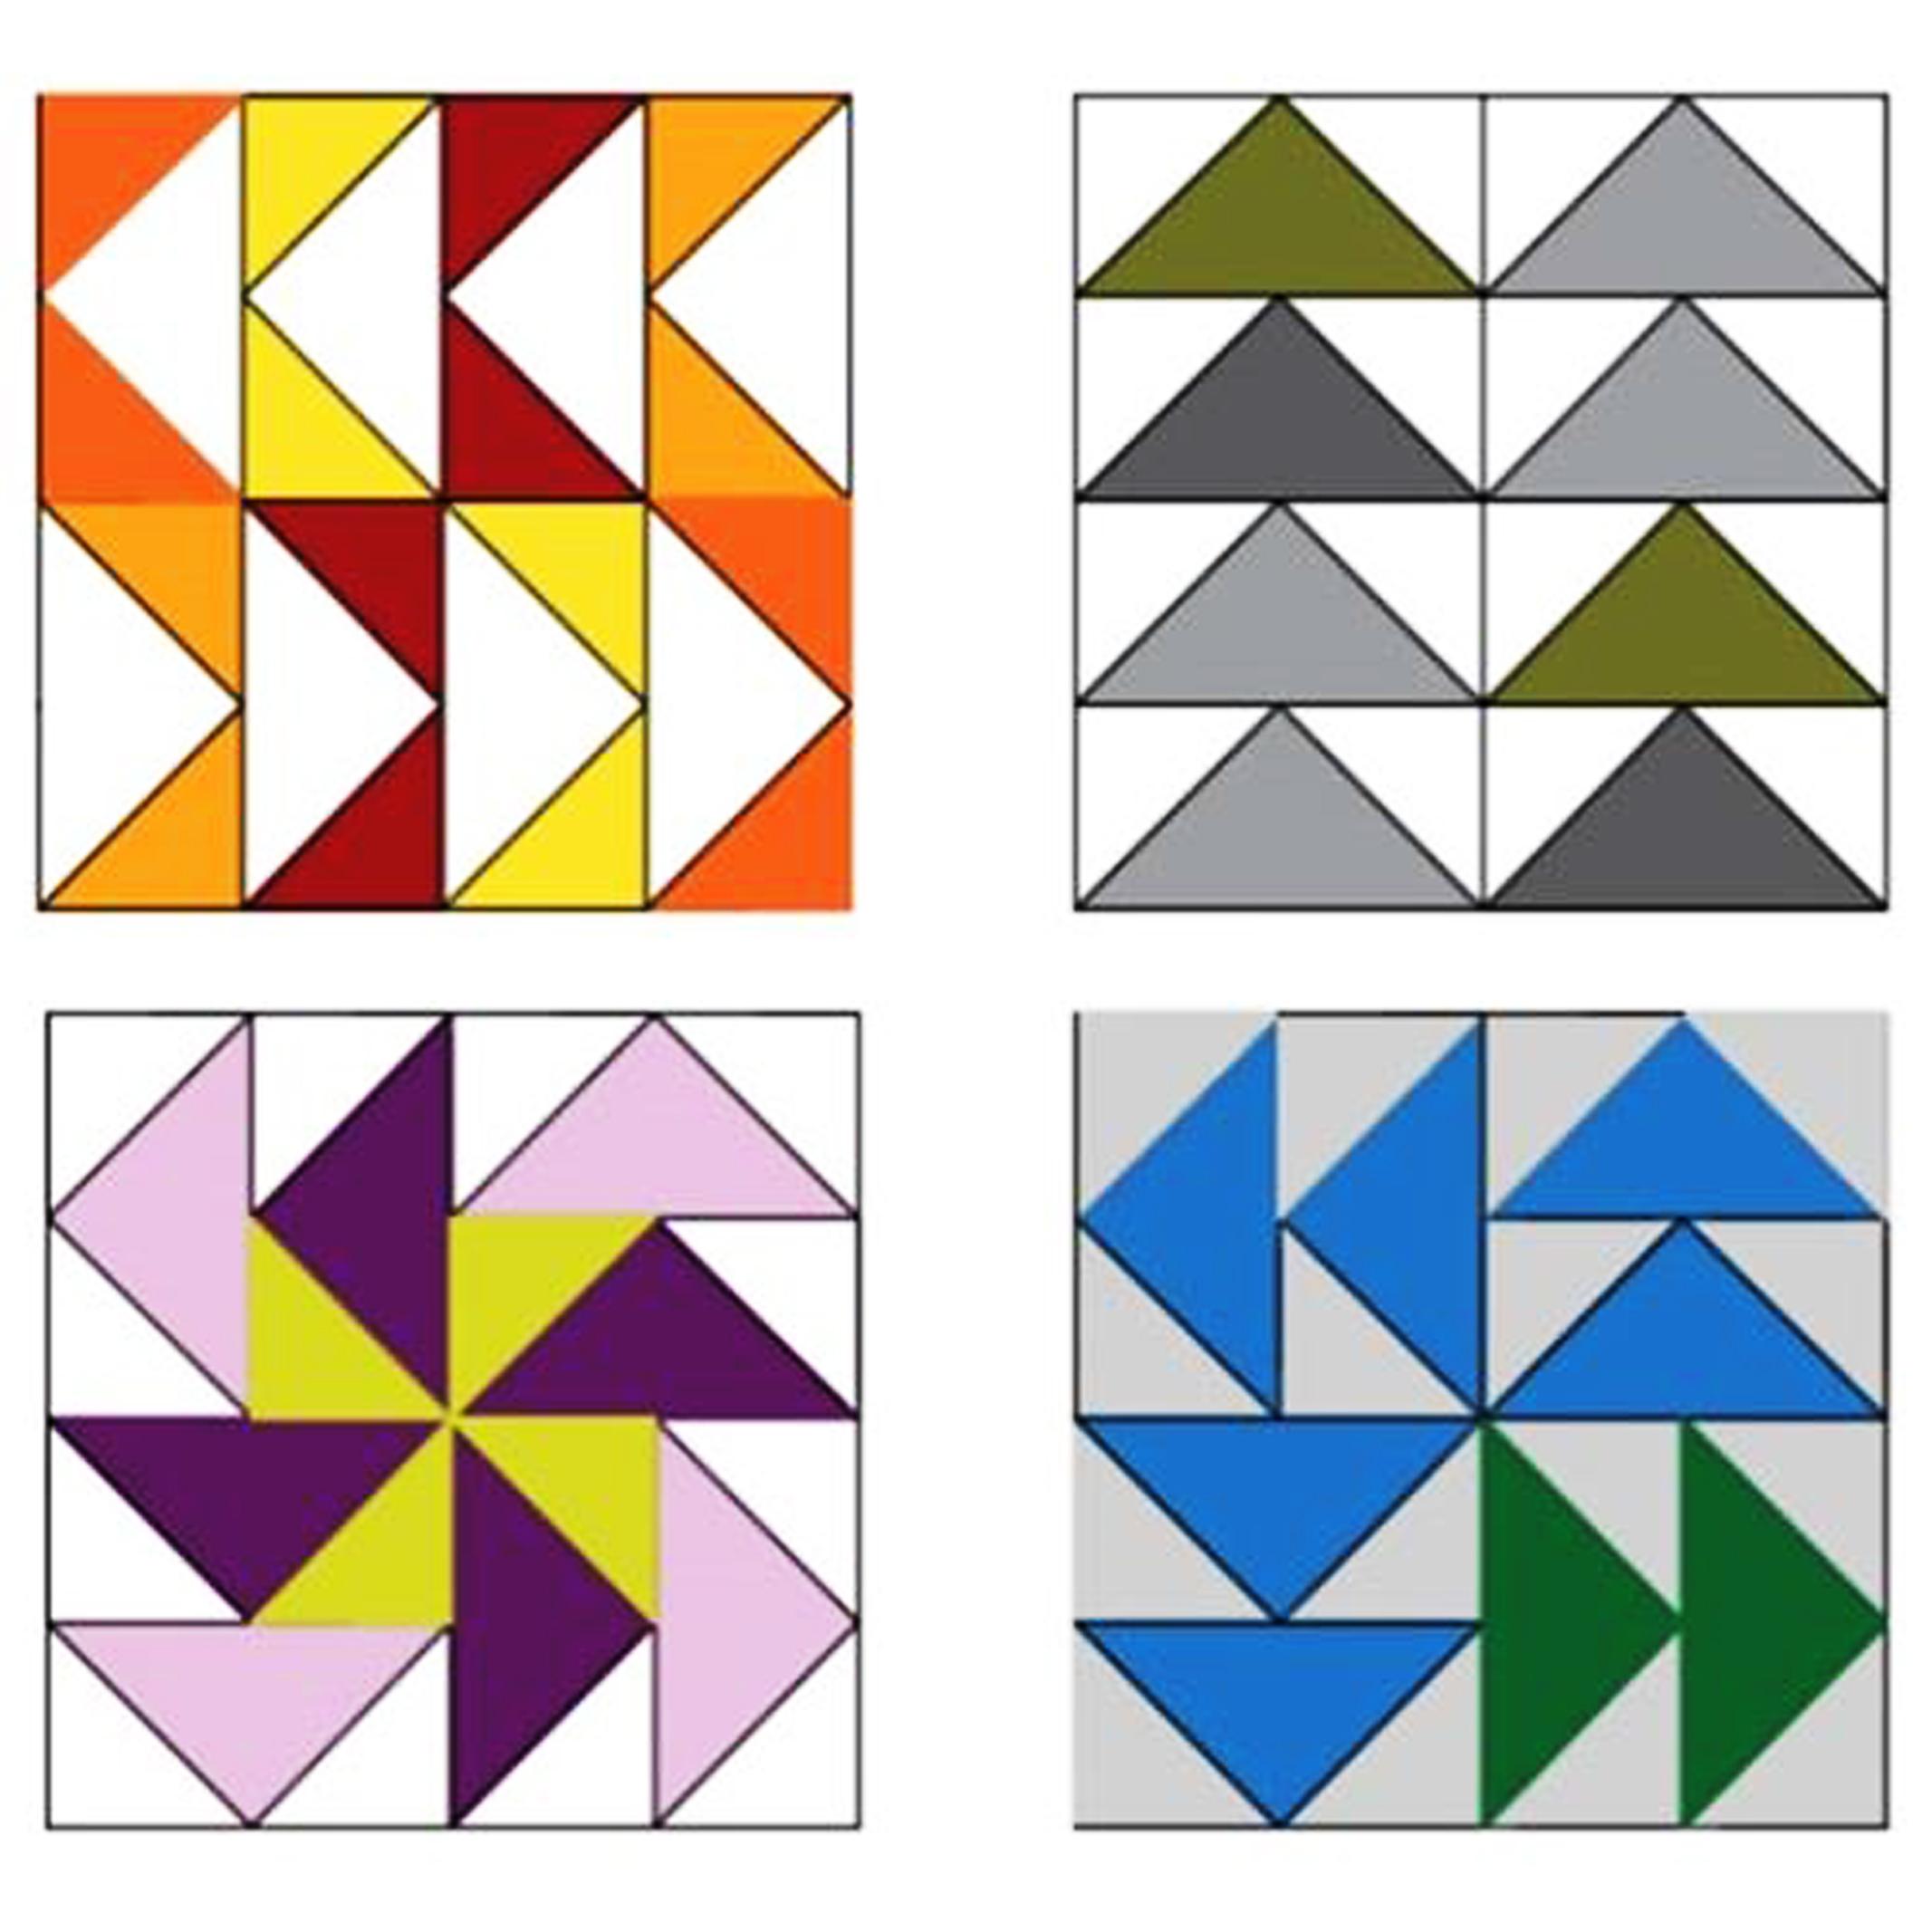 Šablona na patchwork Letící husy 1ks/bal sada 1x2 + 2x4 palce (inch) (cena / balení)